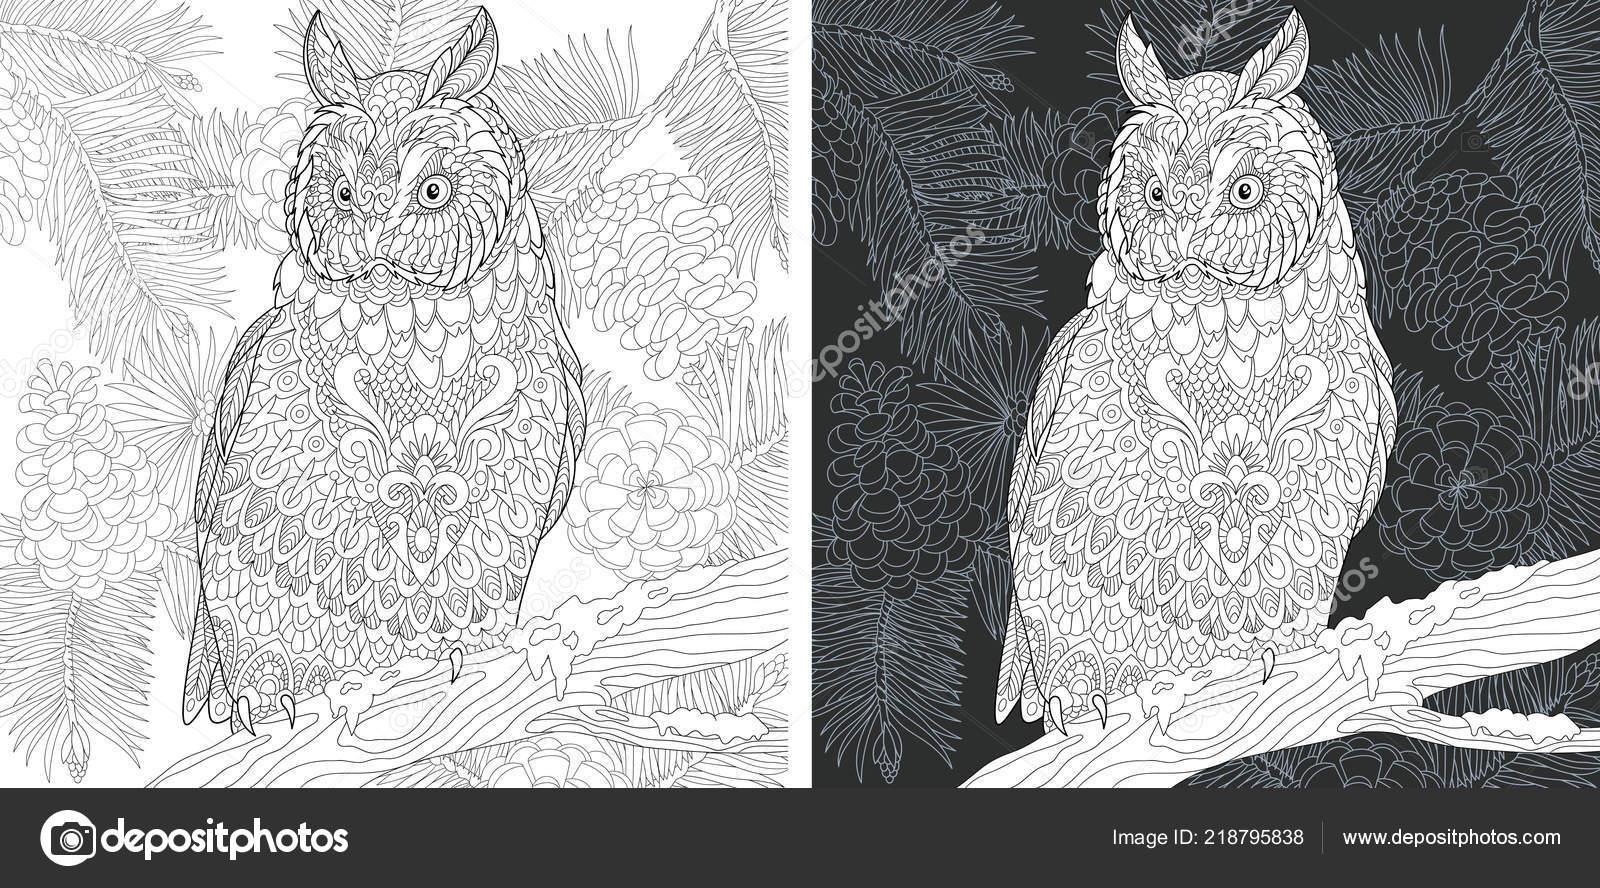 Malvorlagen Malbuch Ausmalbild Mit Eule Zentangle Stil Gezeichnet